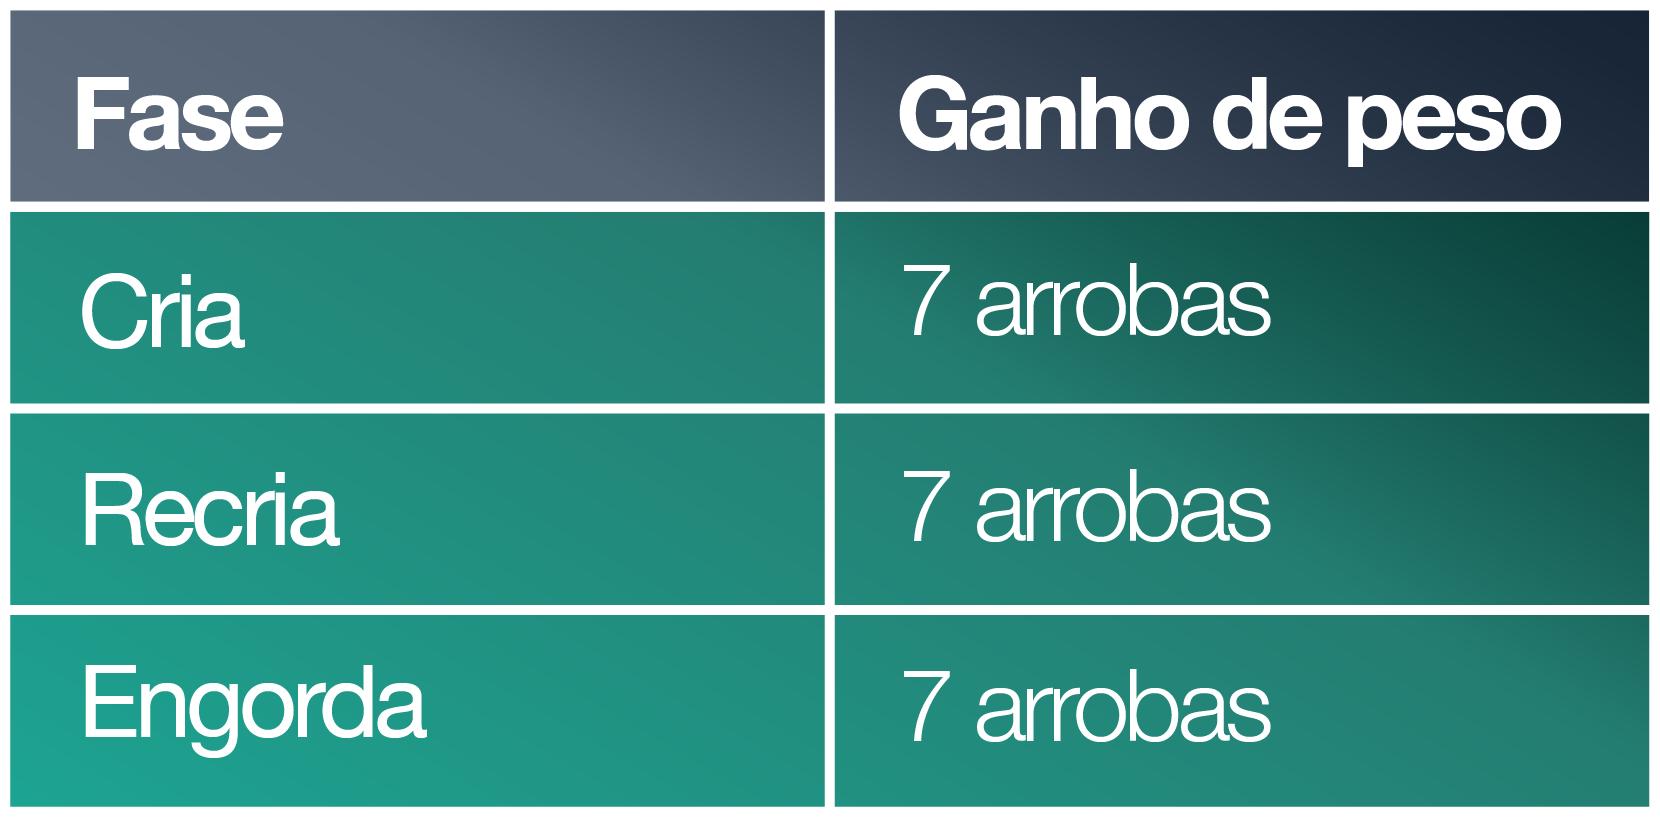 Tabela explicativa dos ganhos do boi 777 na fazenda pecuária